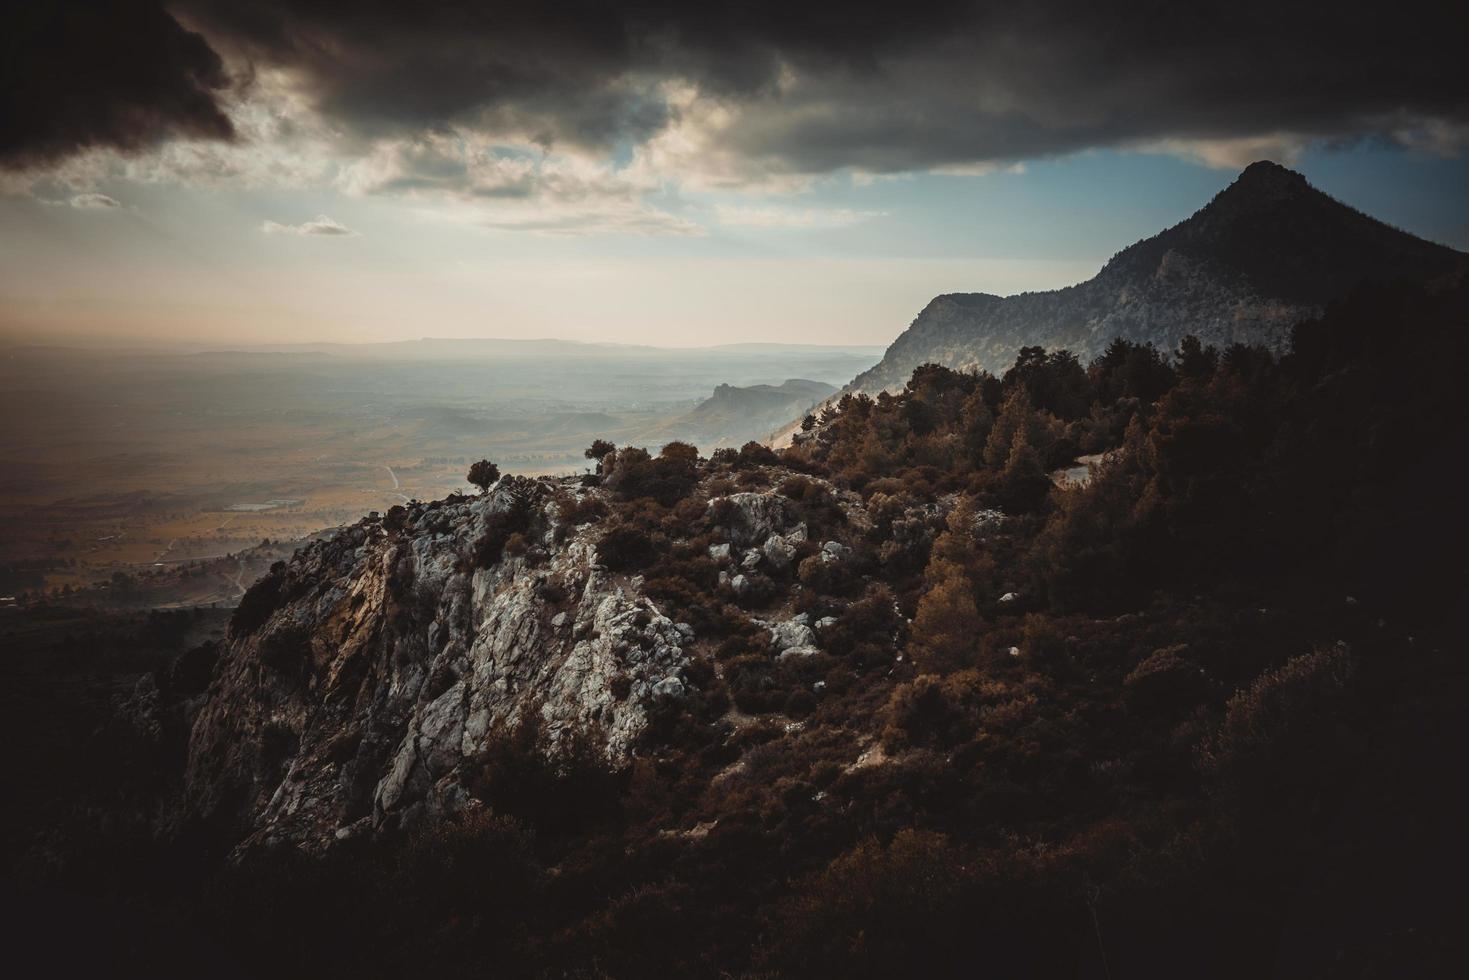 herfst op een bergtop foto